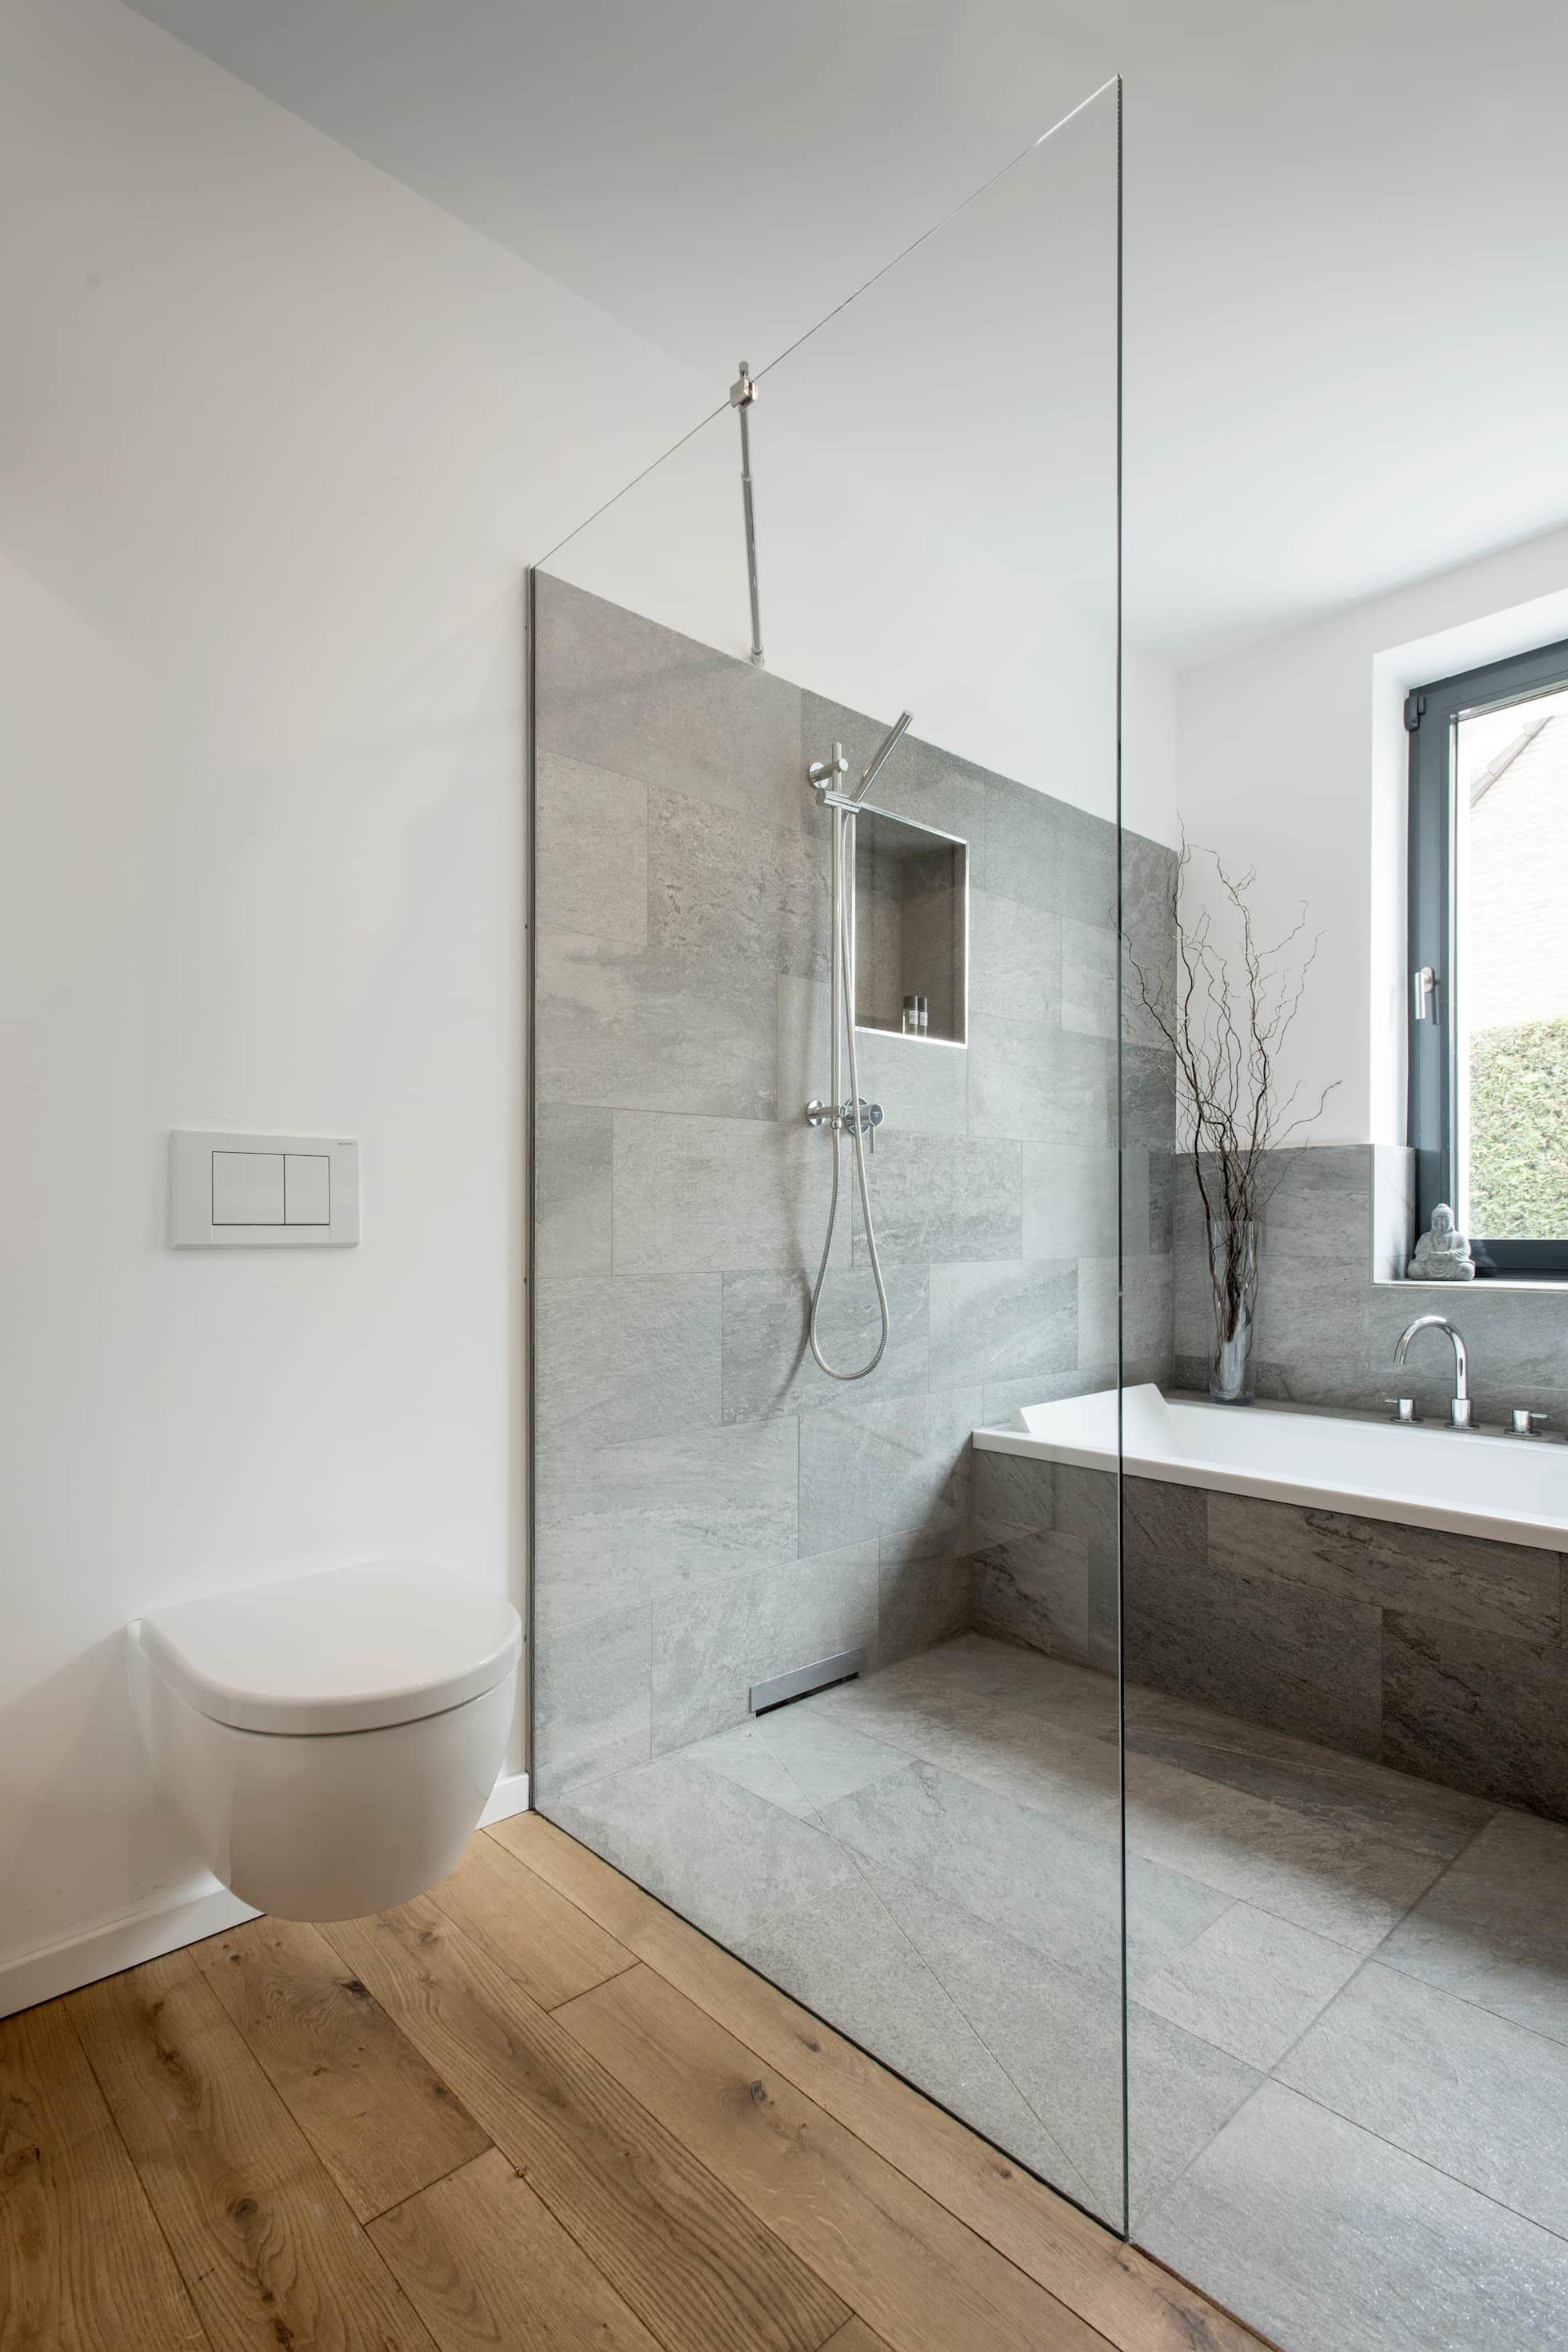 Umbau und aufstockung wohnhaus aus den 50er jahren: badezimmer von sophisticated architecture fietzek von dreusche partnerschaft gmbb,modern #remodelingorroomdesign